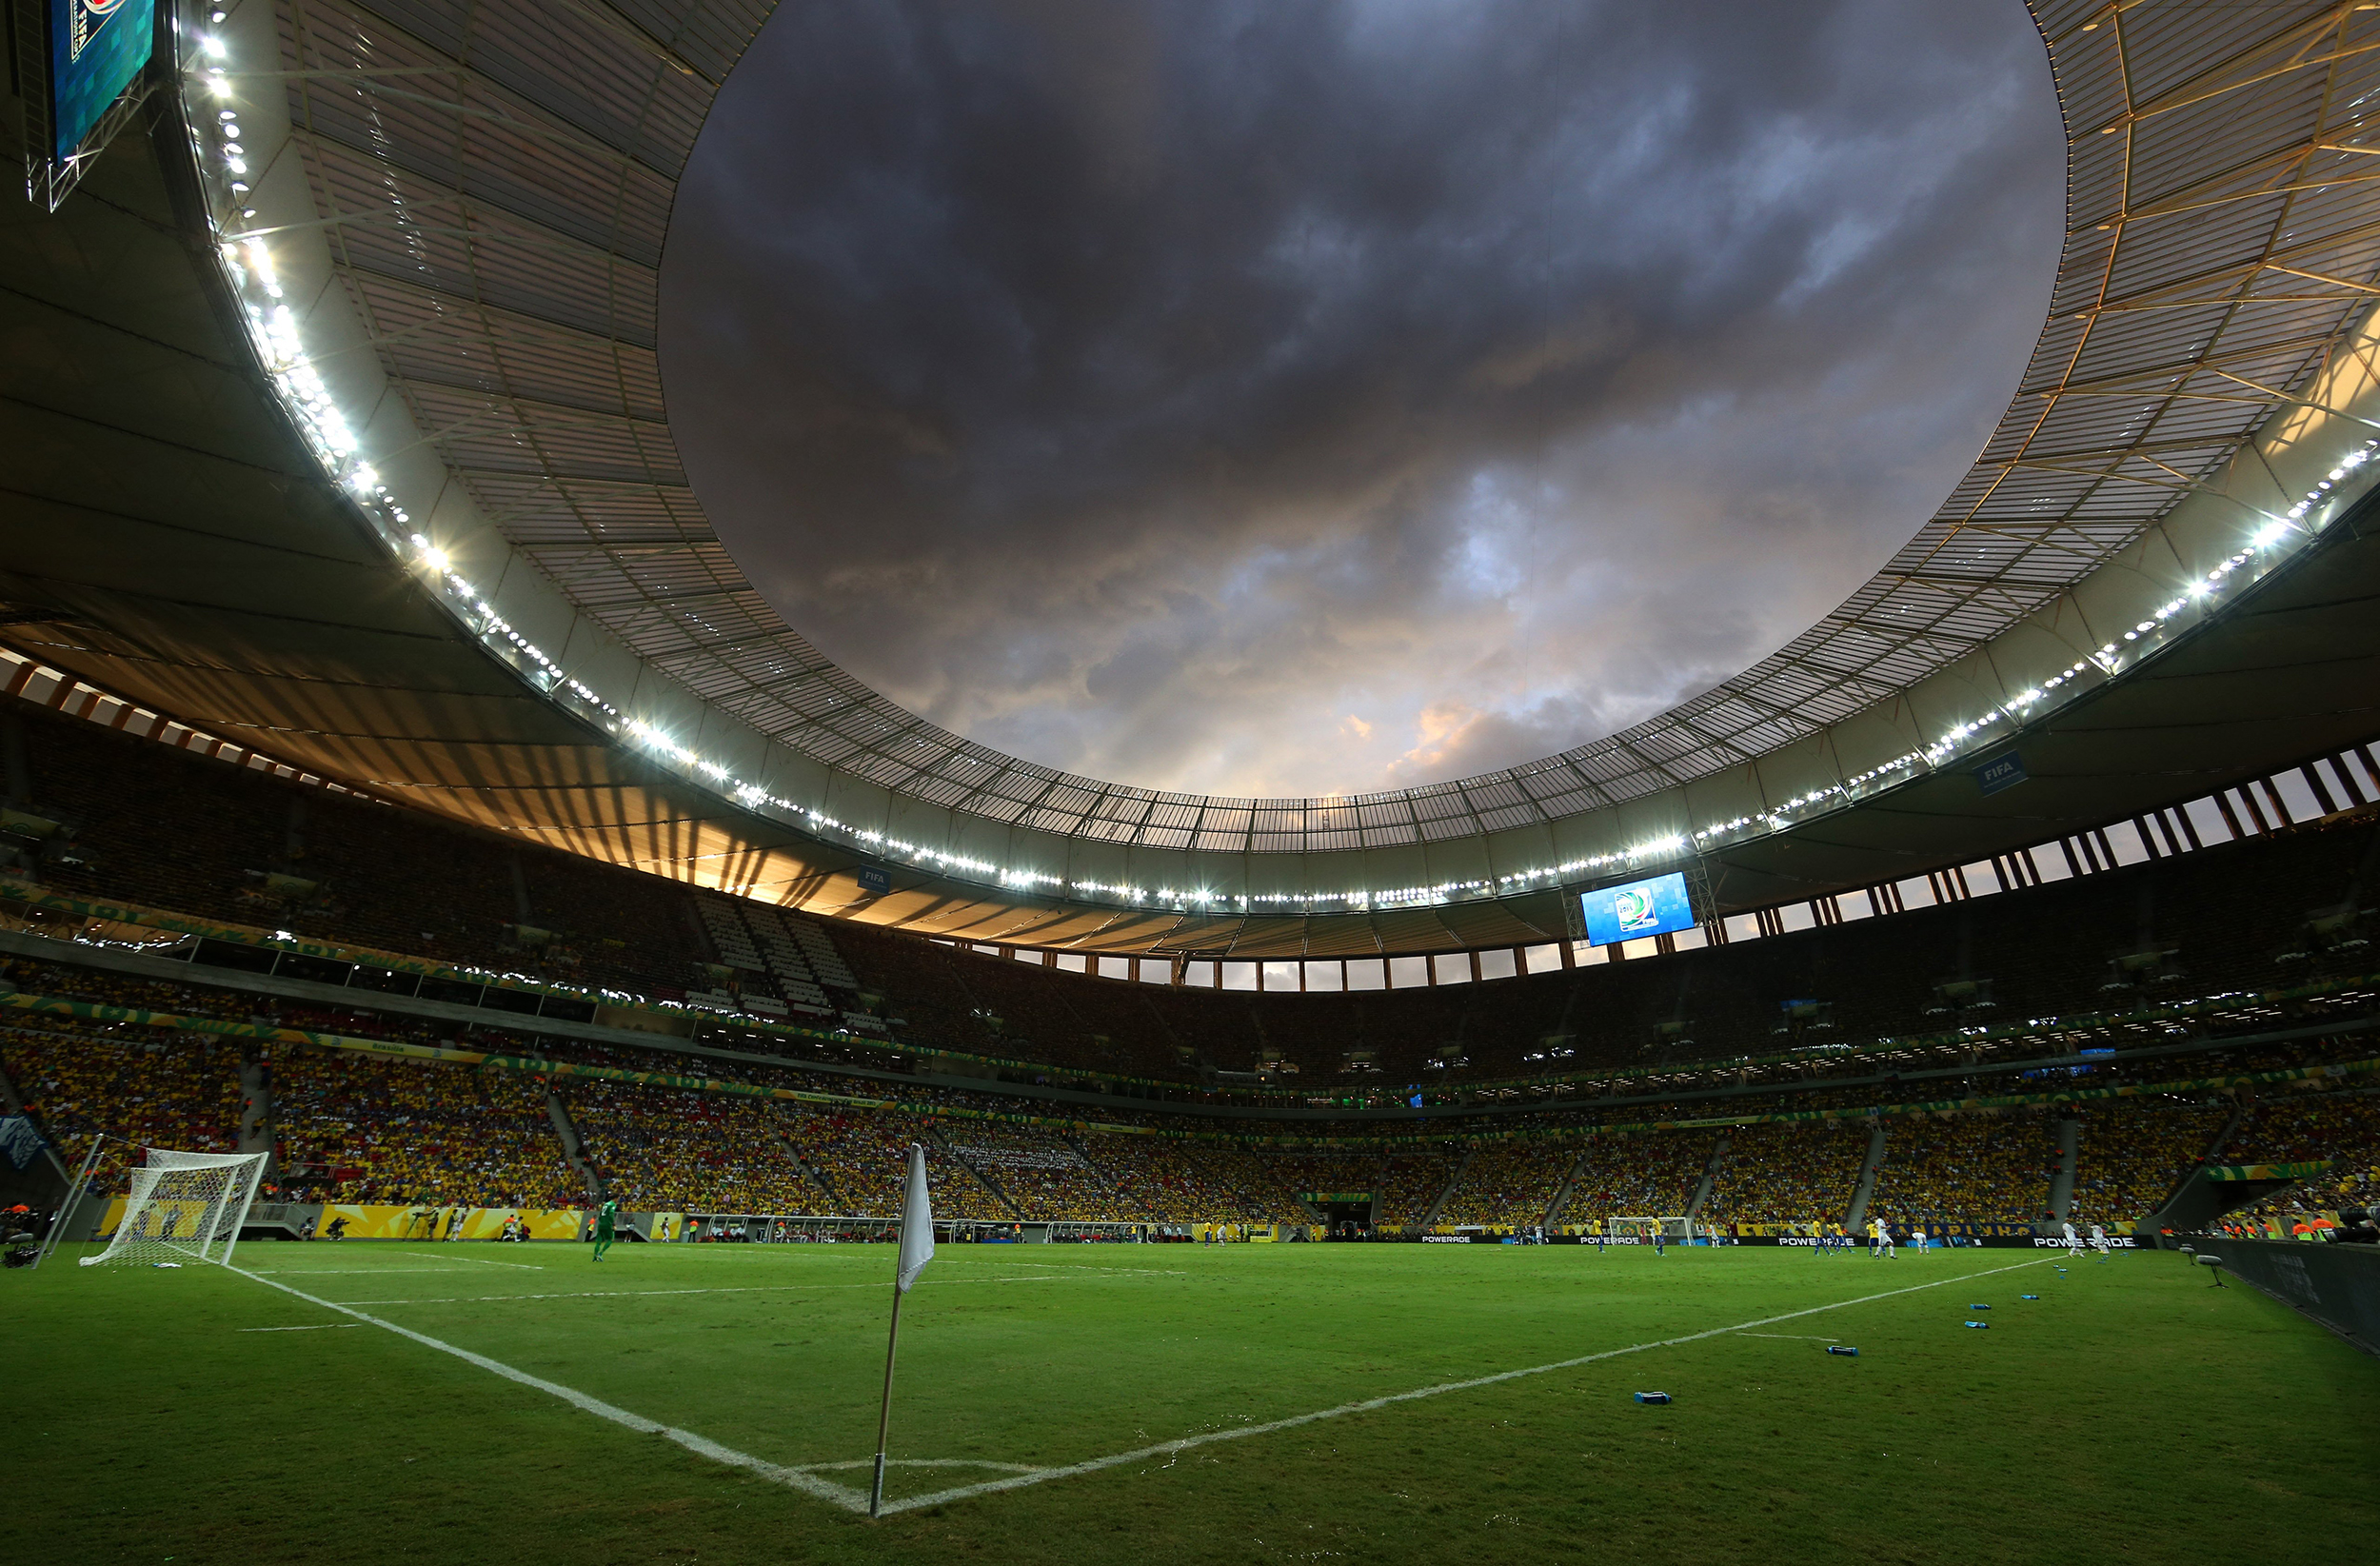 Resultado de imagen de soccer stadium